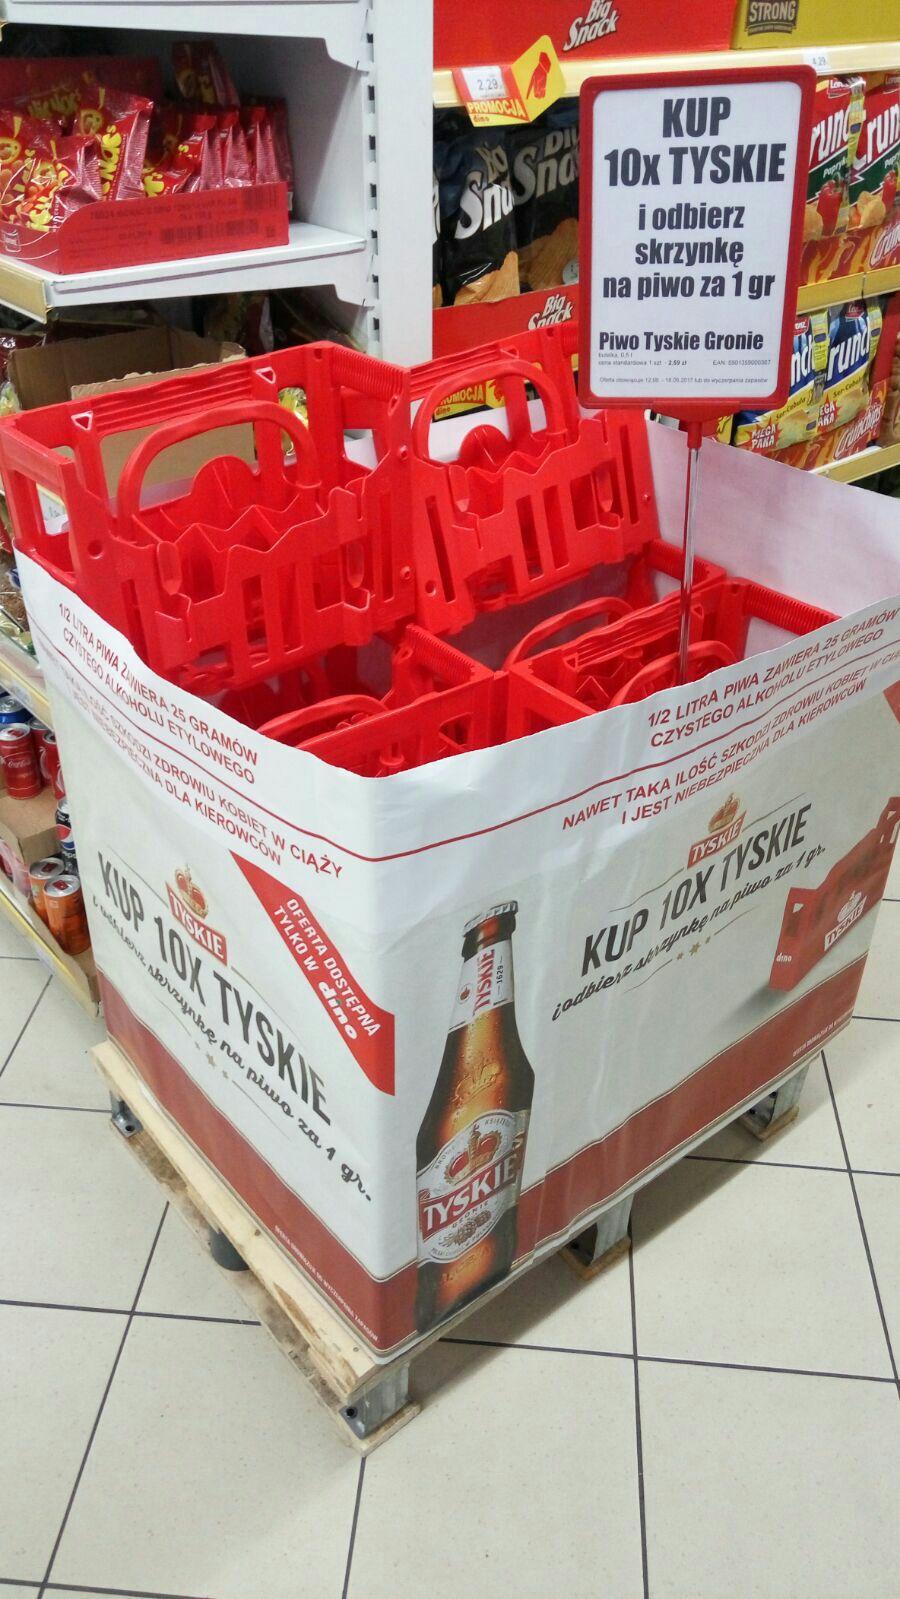 Skrzynka na 10 butelek piwa za 1gr przy zakupie 10 piw Tyskie @Dino